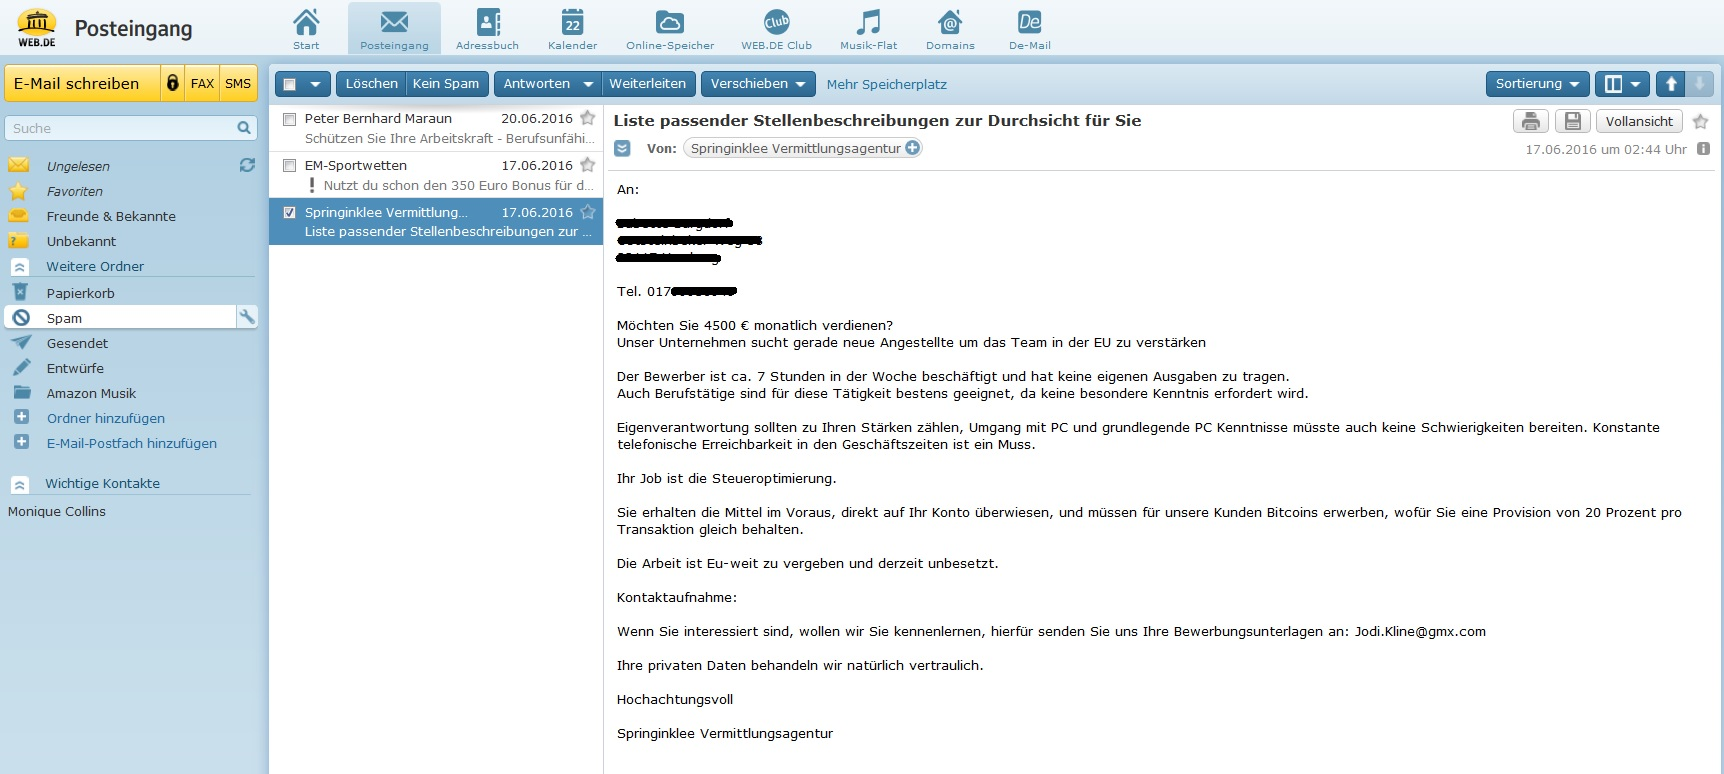 Springinklee Vermittlungsagentur: 4500 € monatlich verdienen? - Anti ...